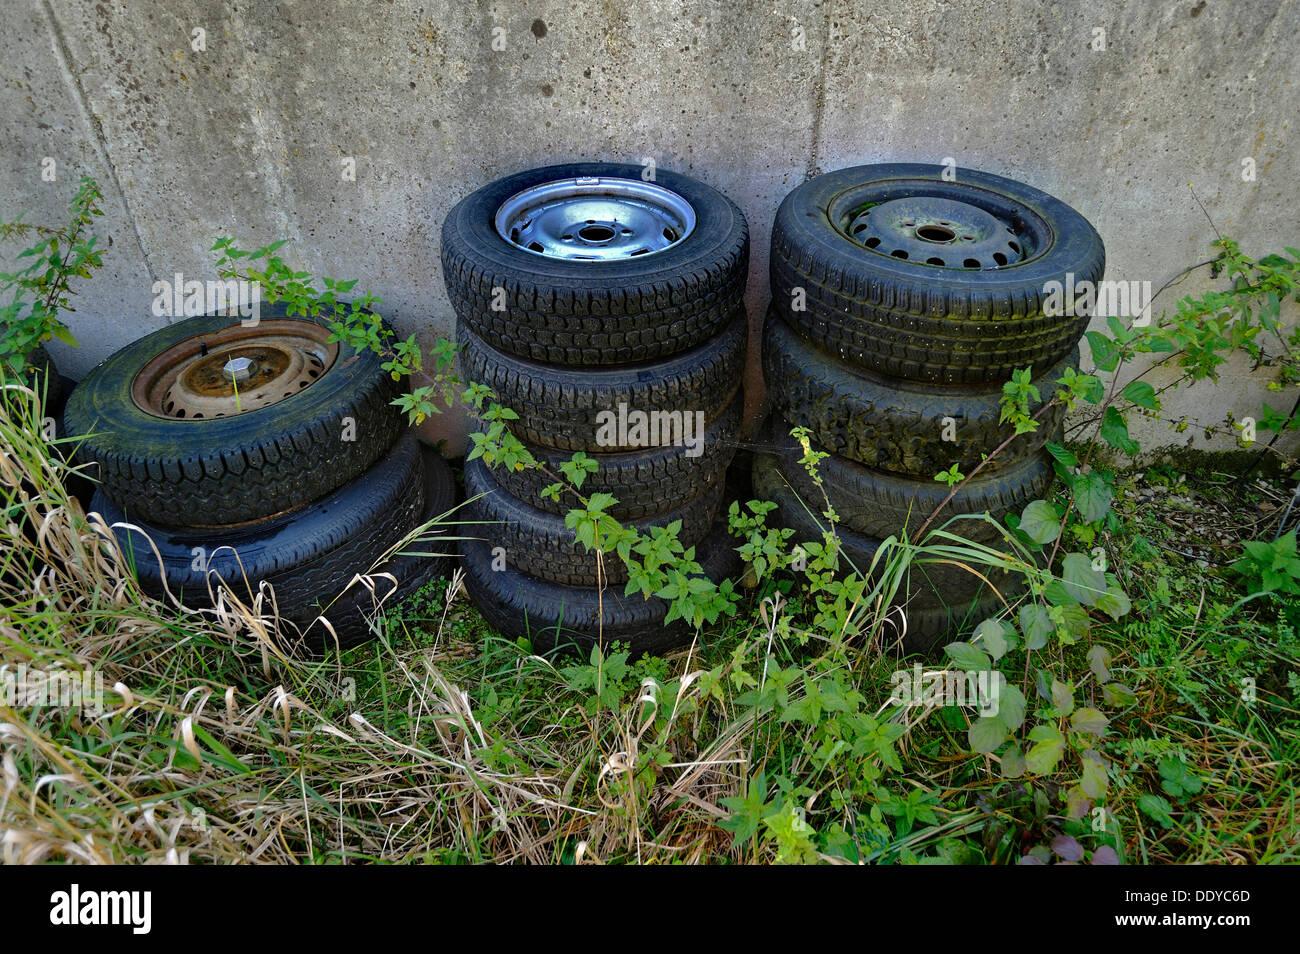 Vecchia auto pneumatici tra ortiche, Schaeftlarn, Bavaria Foto Stock